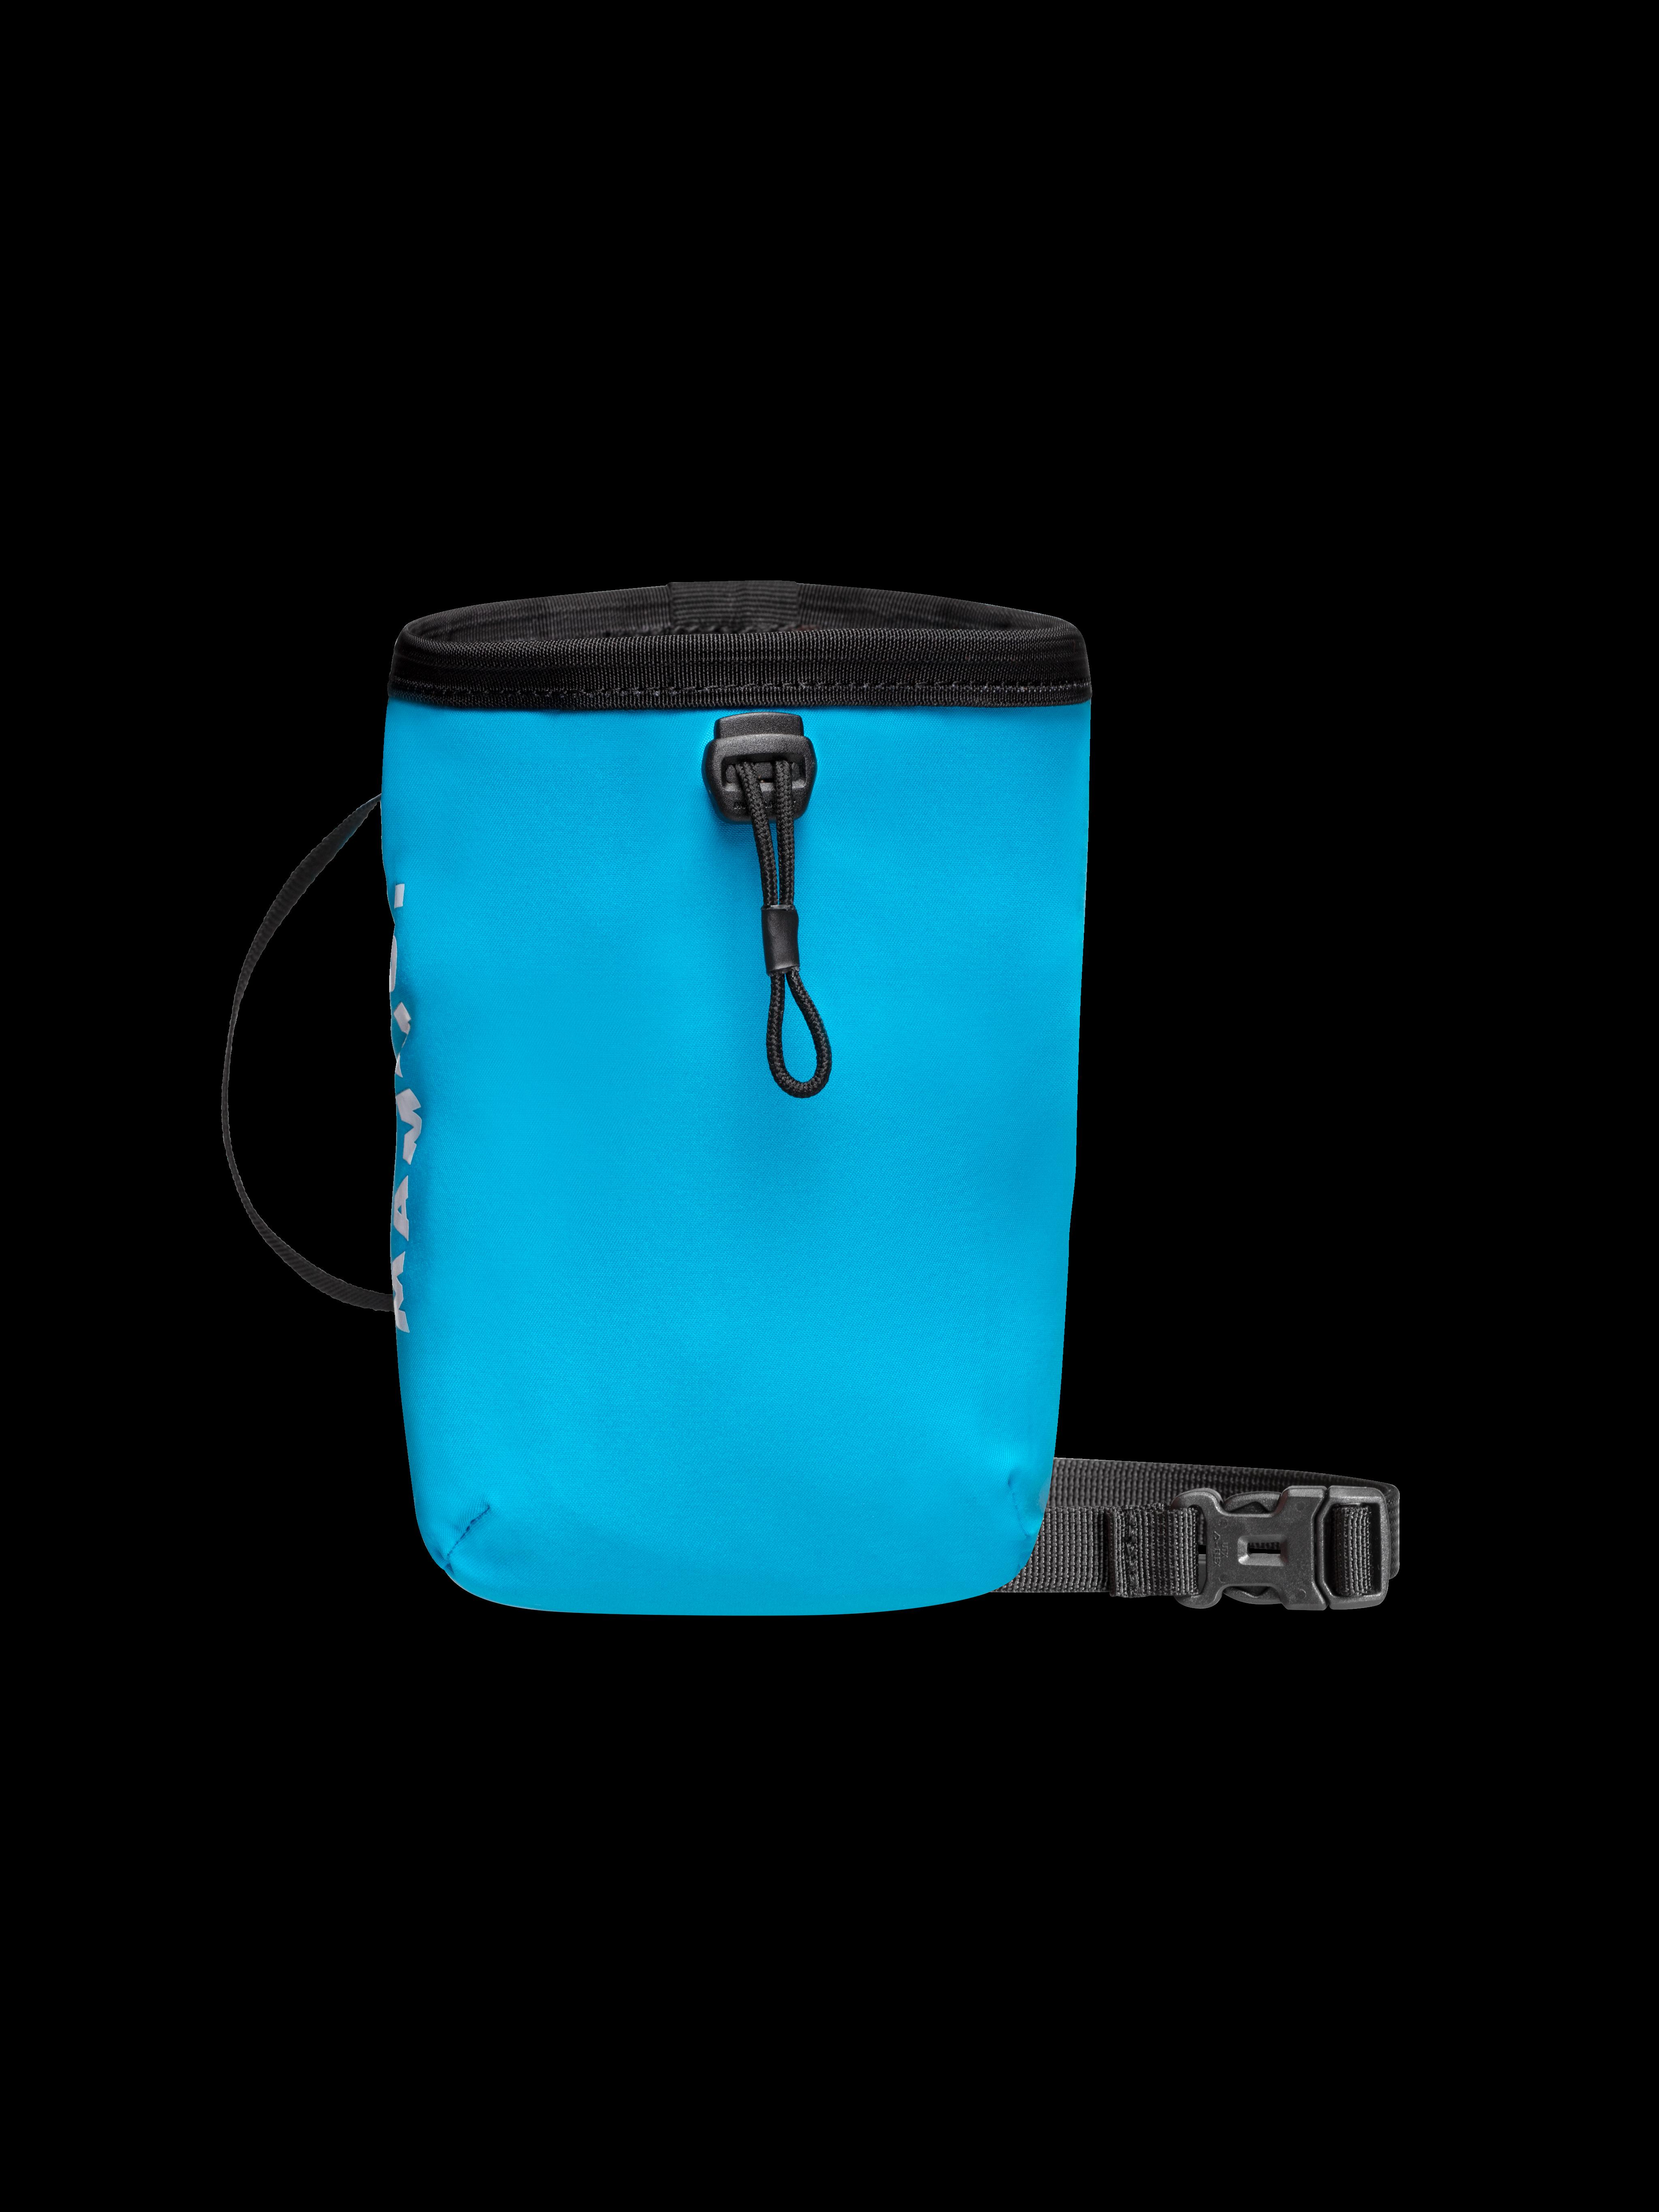 Crag Chalk Bag product image